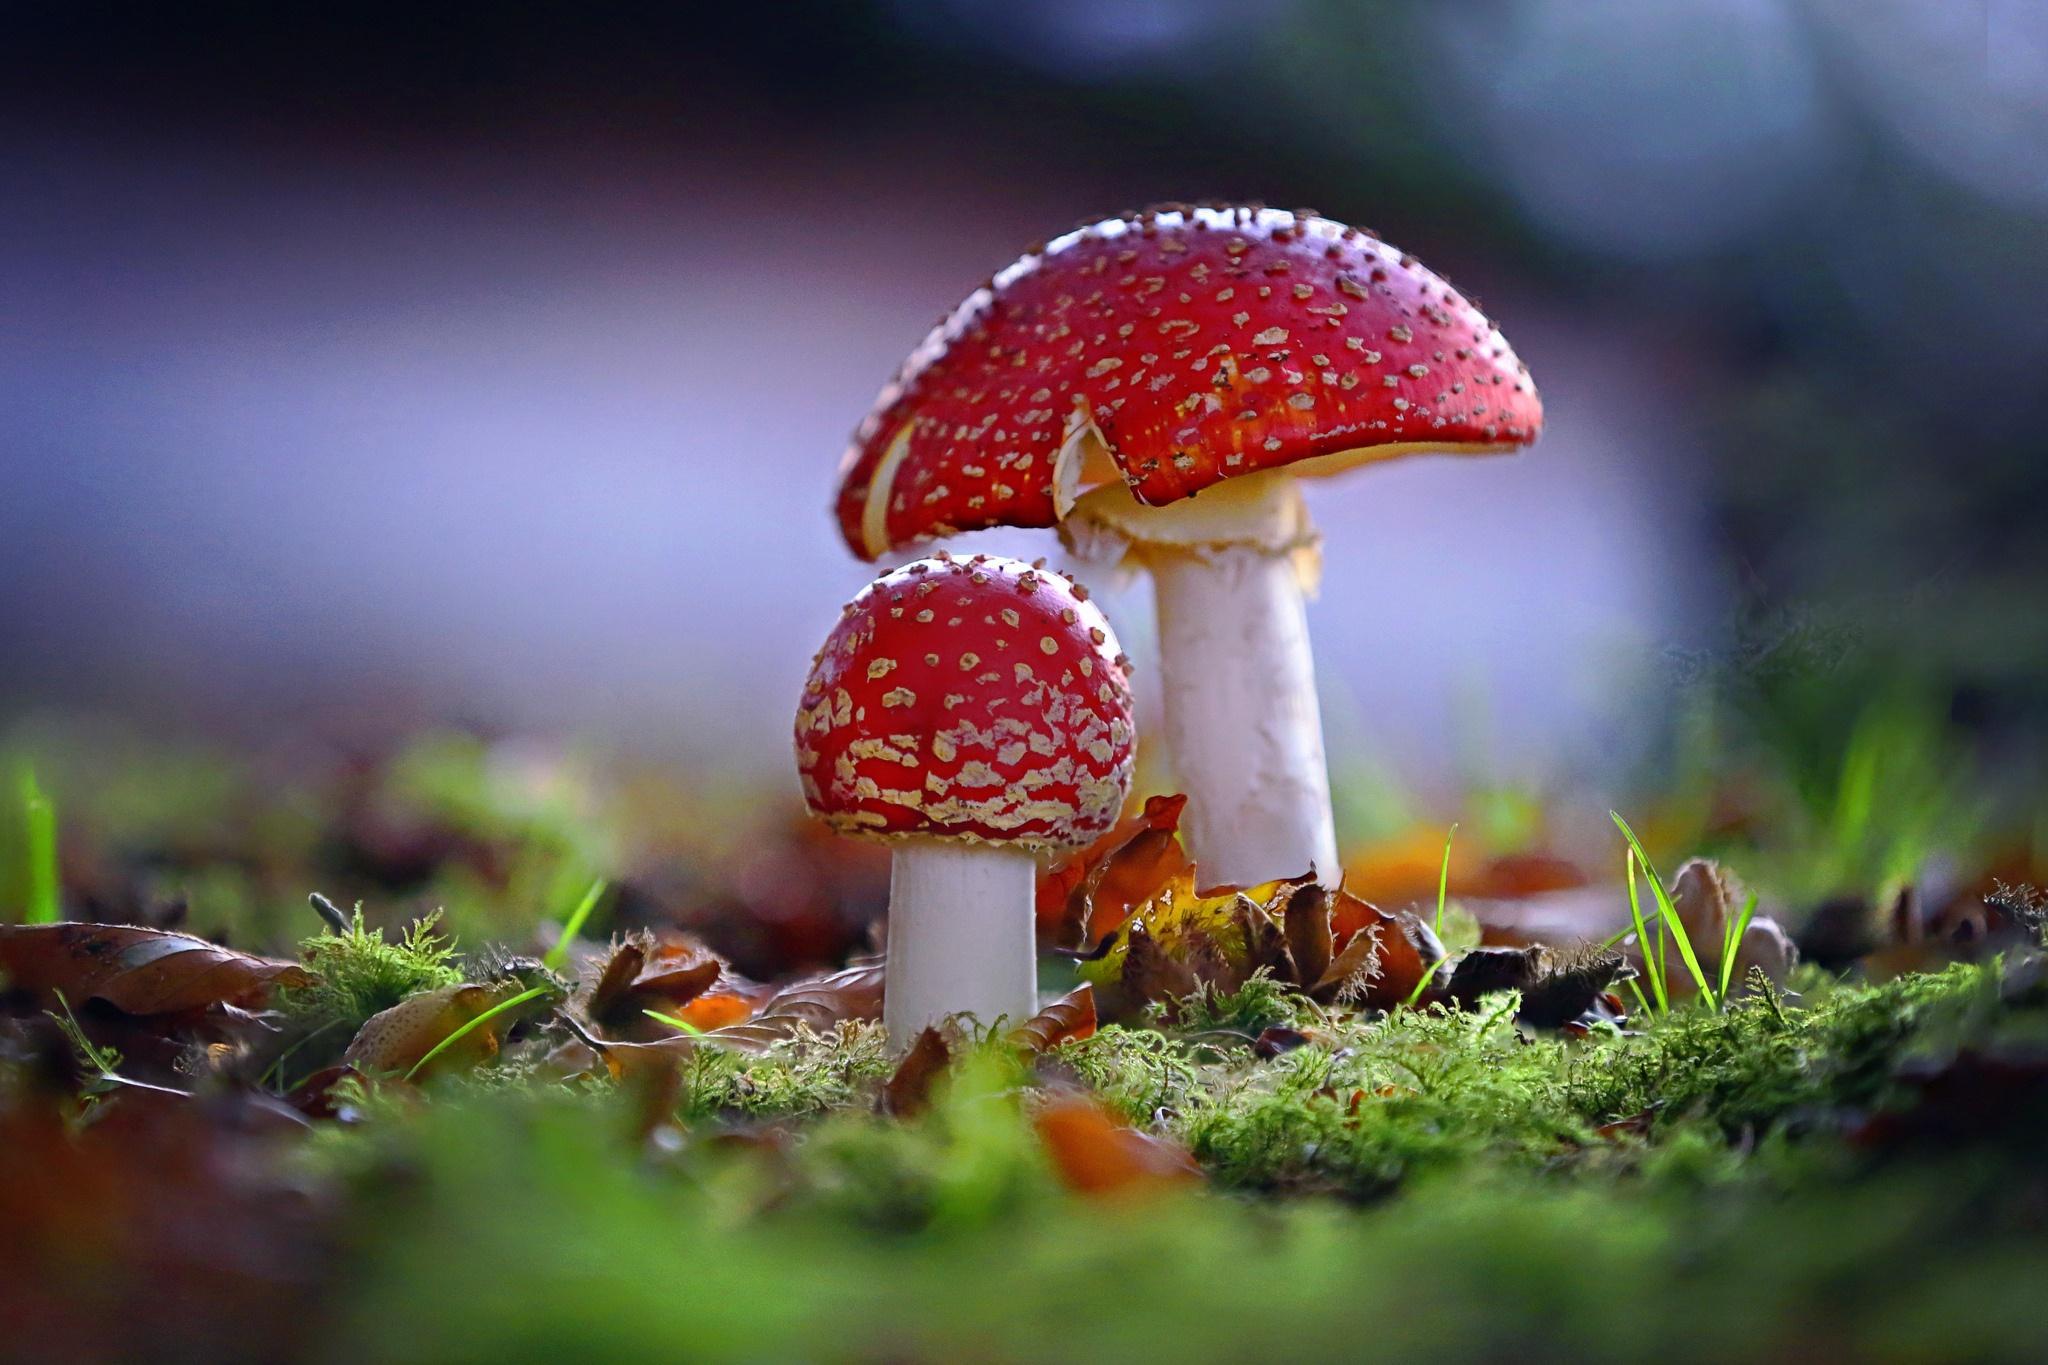 большинство фанаток картинки на рабочий стол грибы мухоморы бенгальской породы